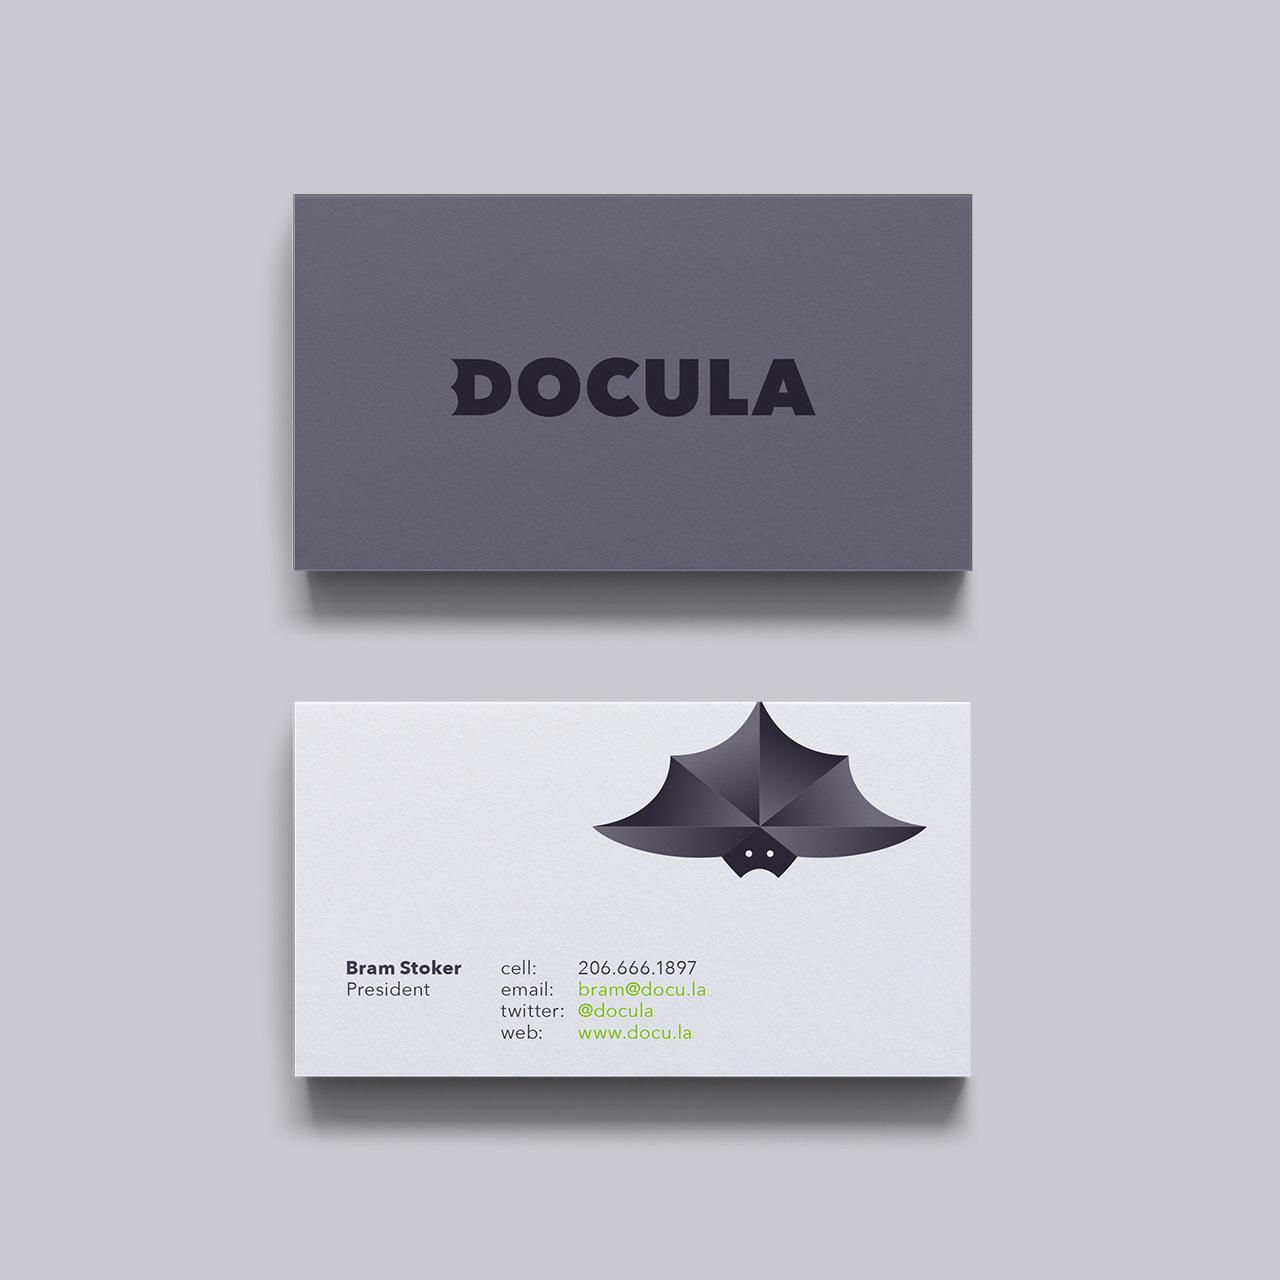 docula-05.jpg